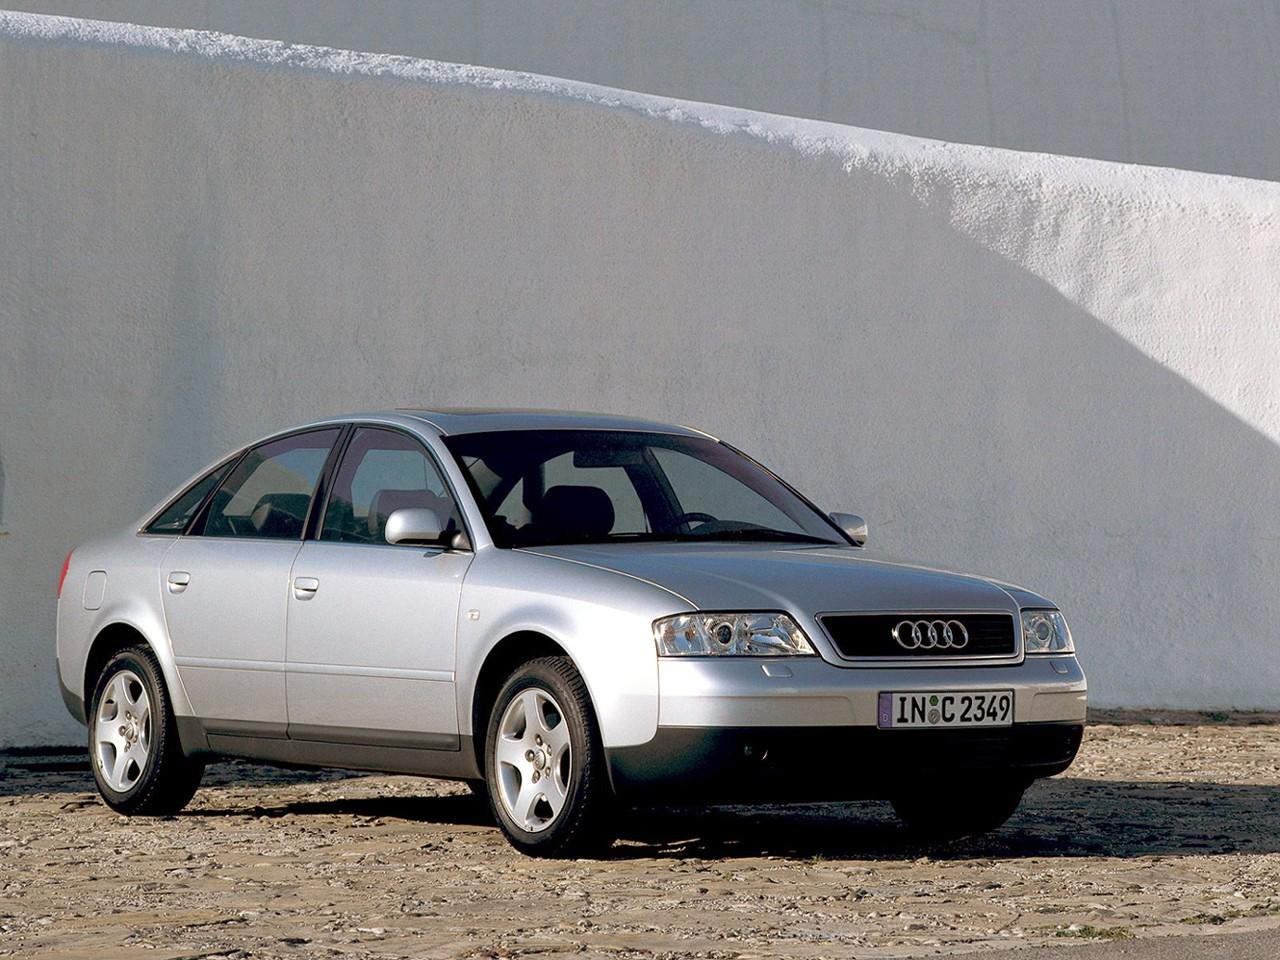 Kelebihan Kekurangan Audi A6 1997 Perbandingan Harga